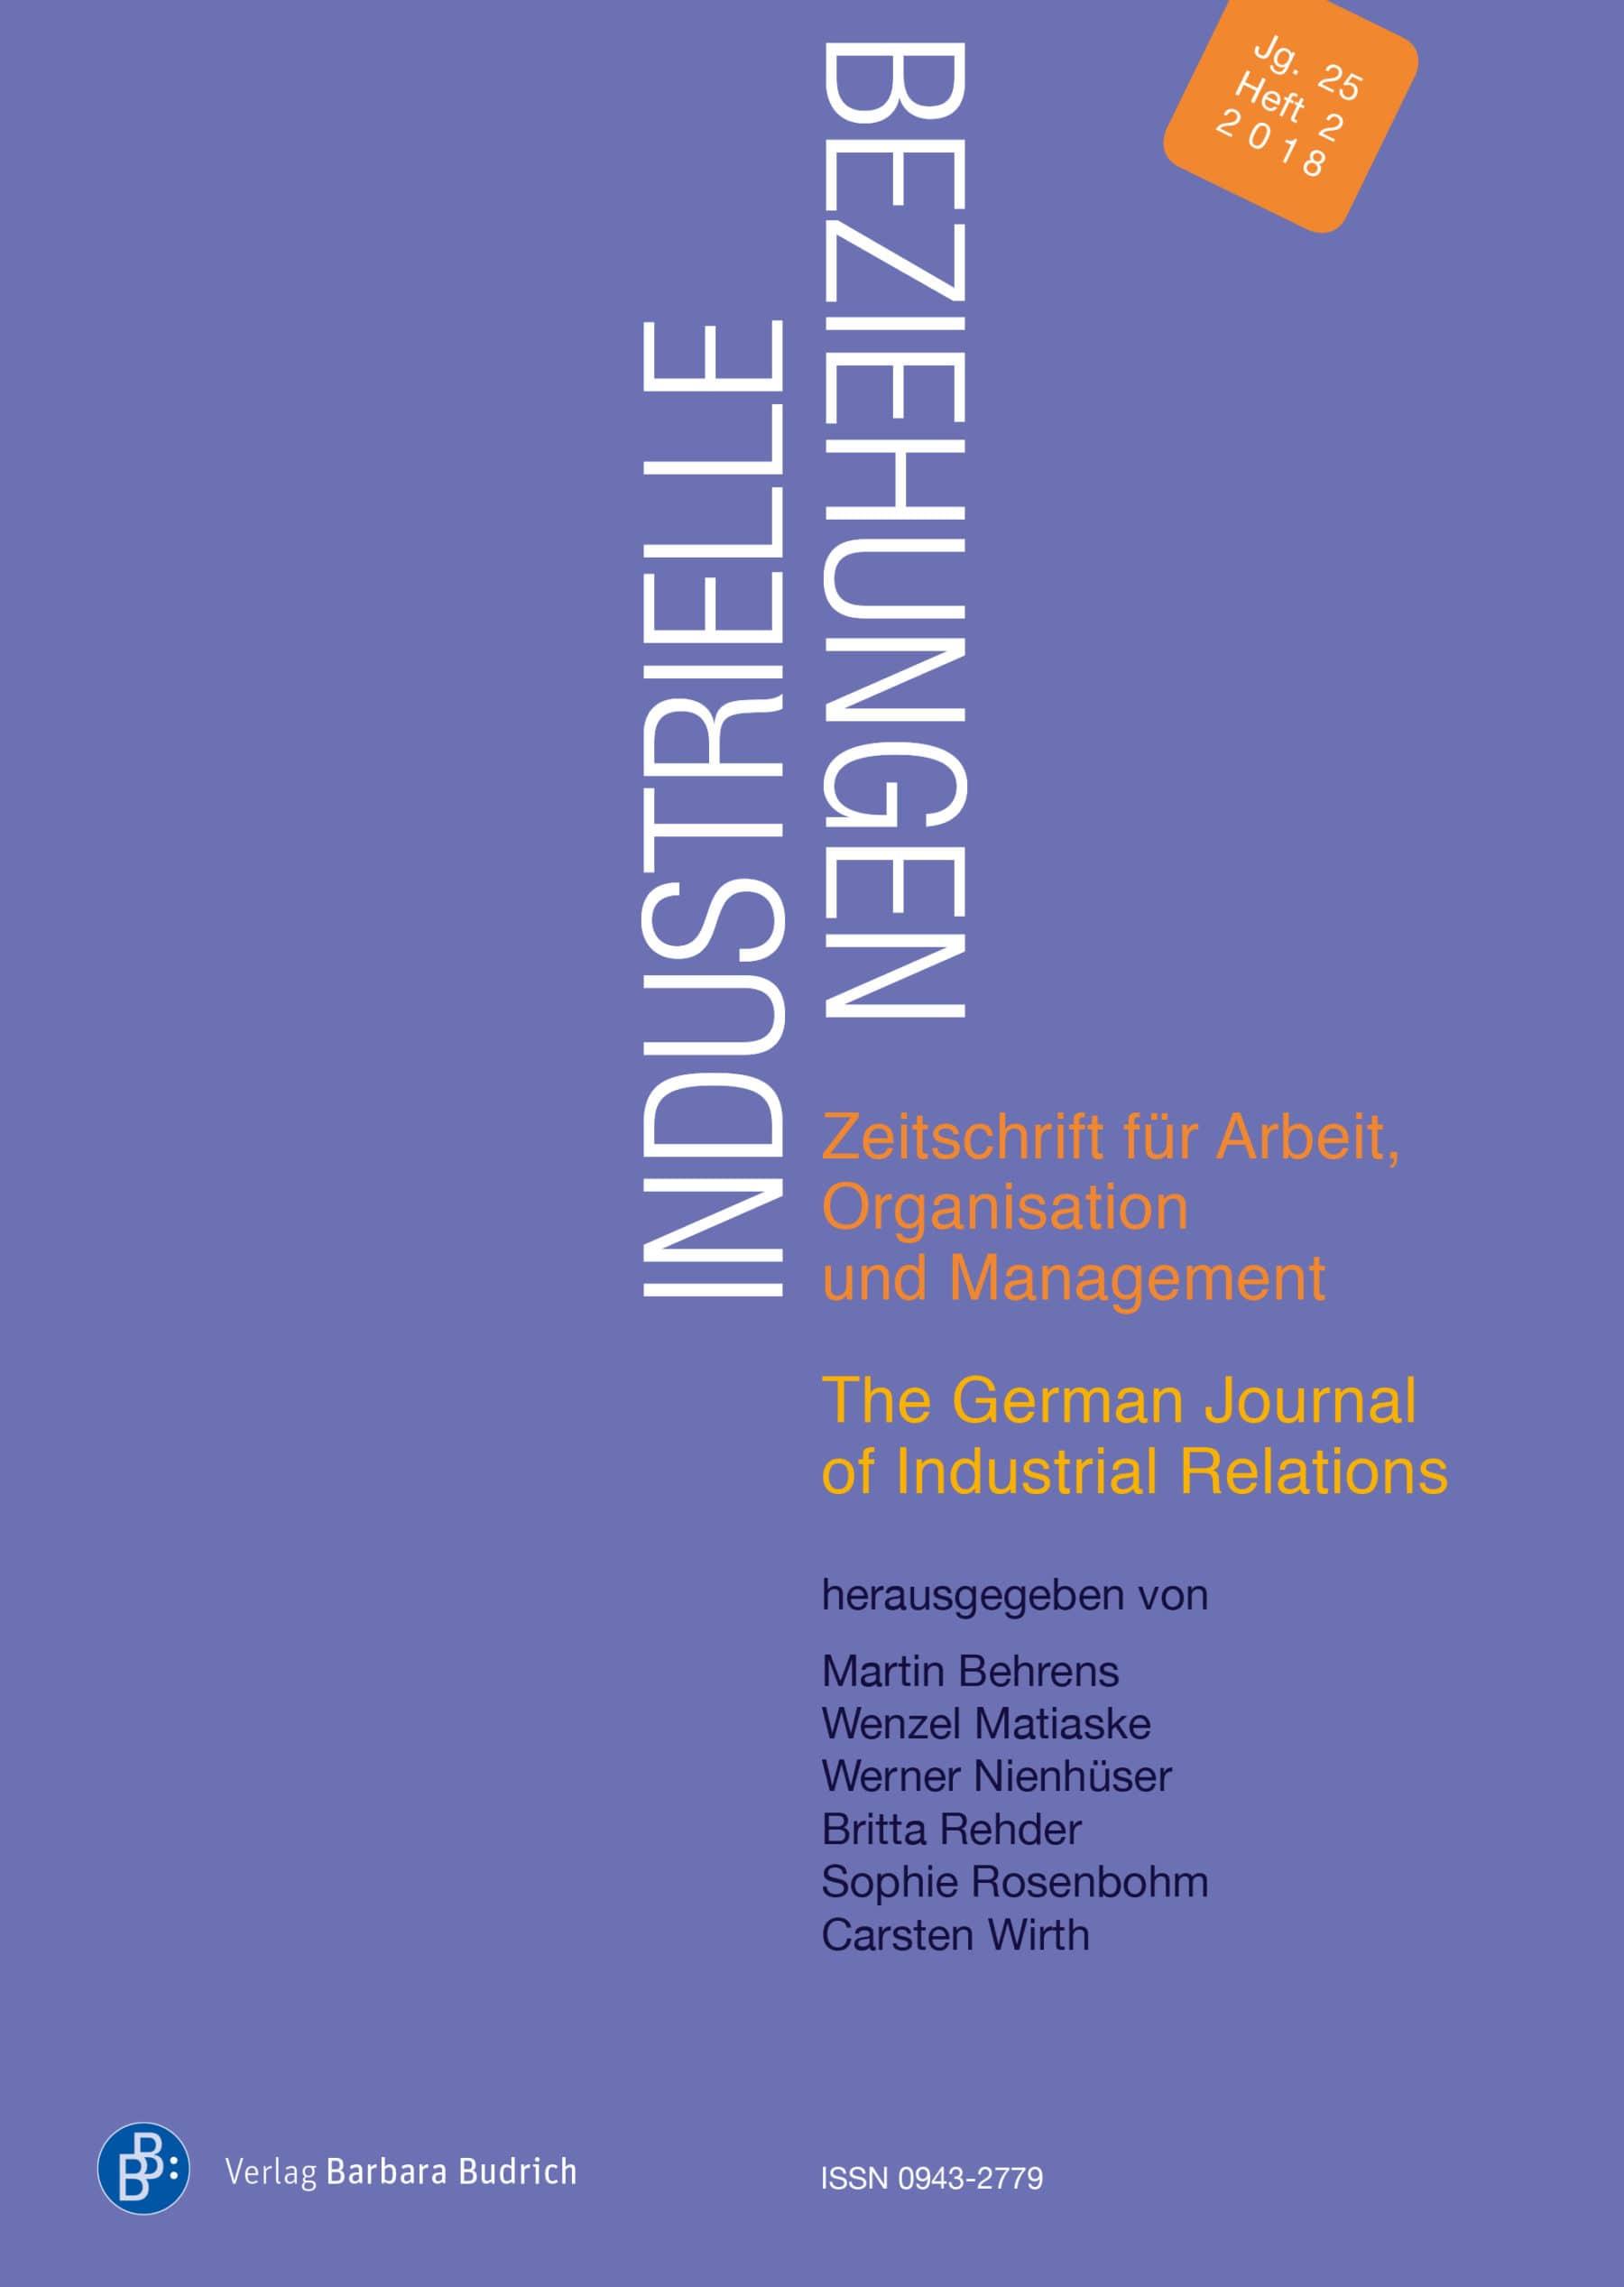 Industrielle Beziehungen 2-2018 | Soziale Bewegungen und industrielle Beziehungen